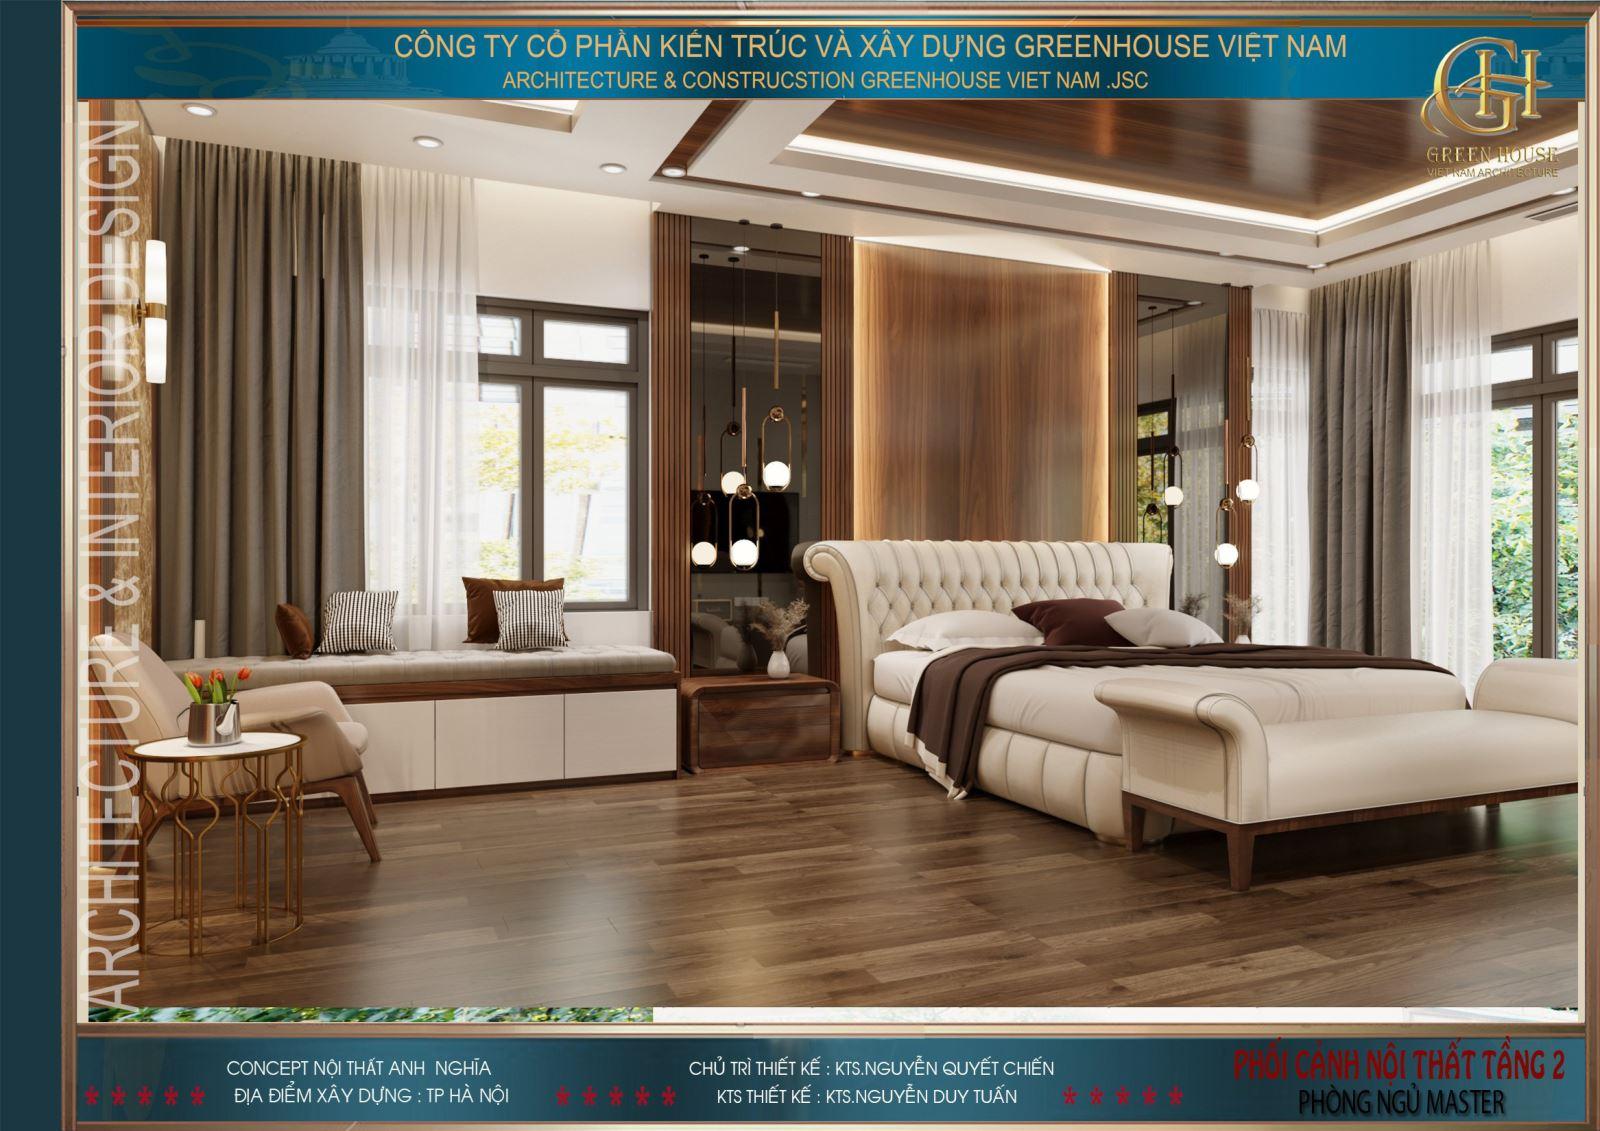 Trọn bộ lưu ý vàng, thiết kế phòng ngủ chuẩn phong thủy, đem lại tài lộc cho gia chủ